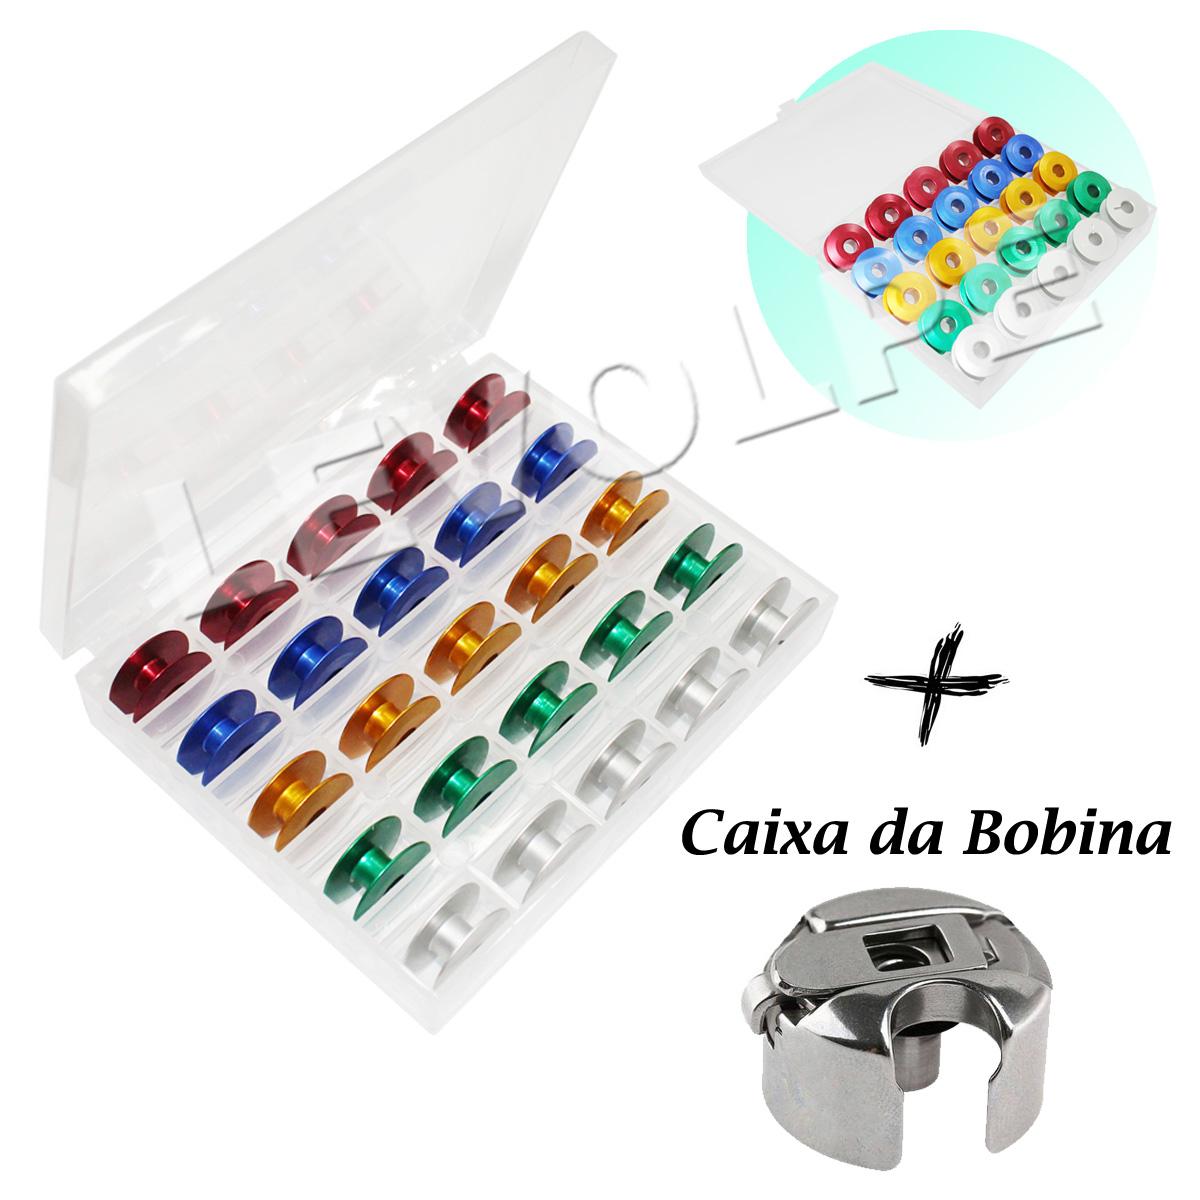 Kit 25 Bobinas Carretilha Reta Industrial + Caixa Da Bobina